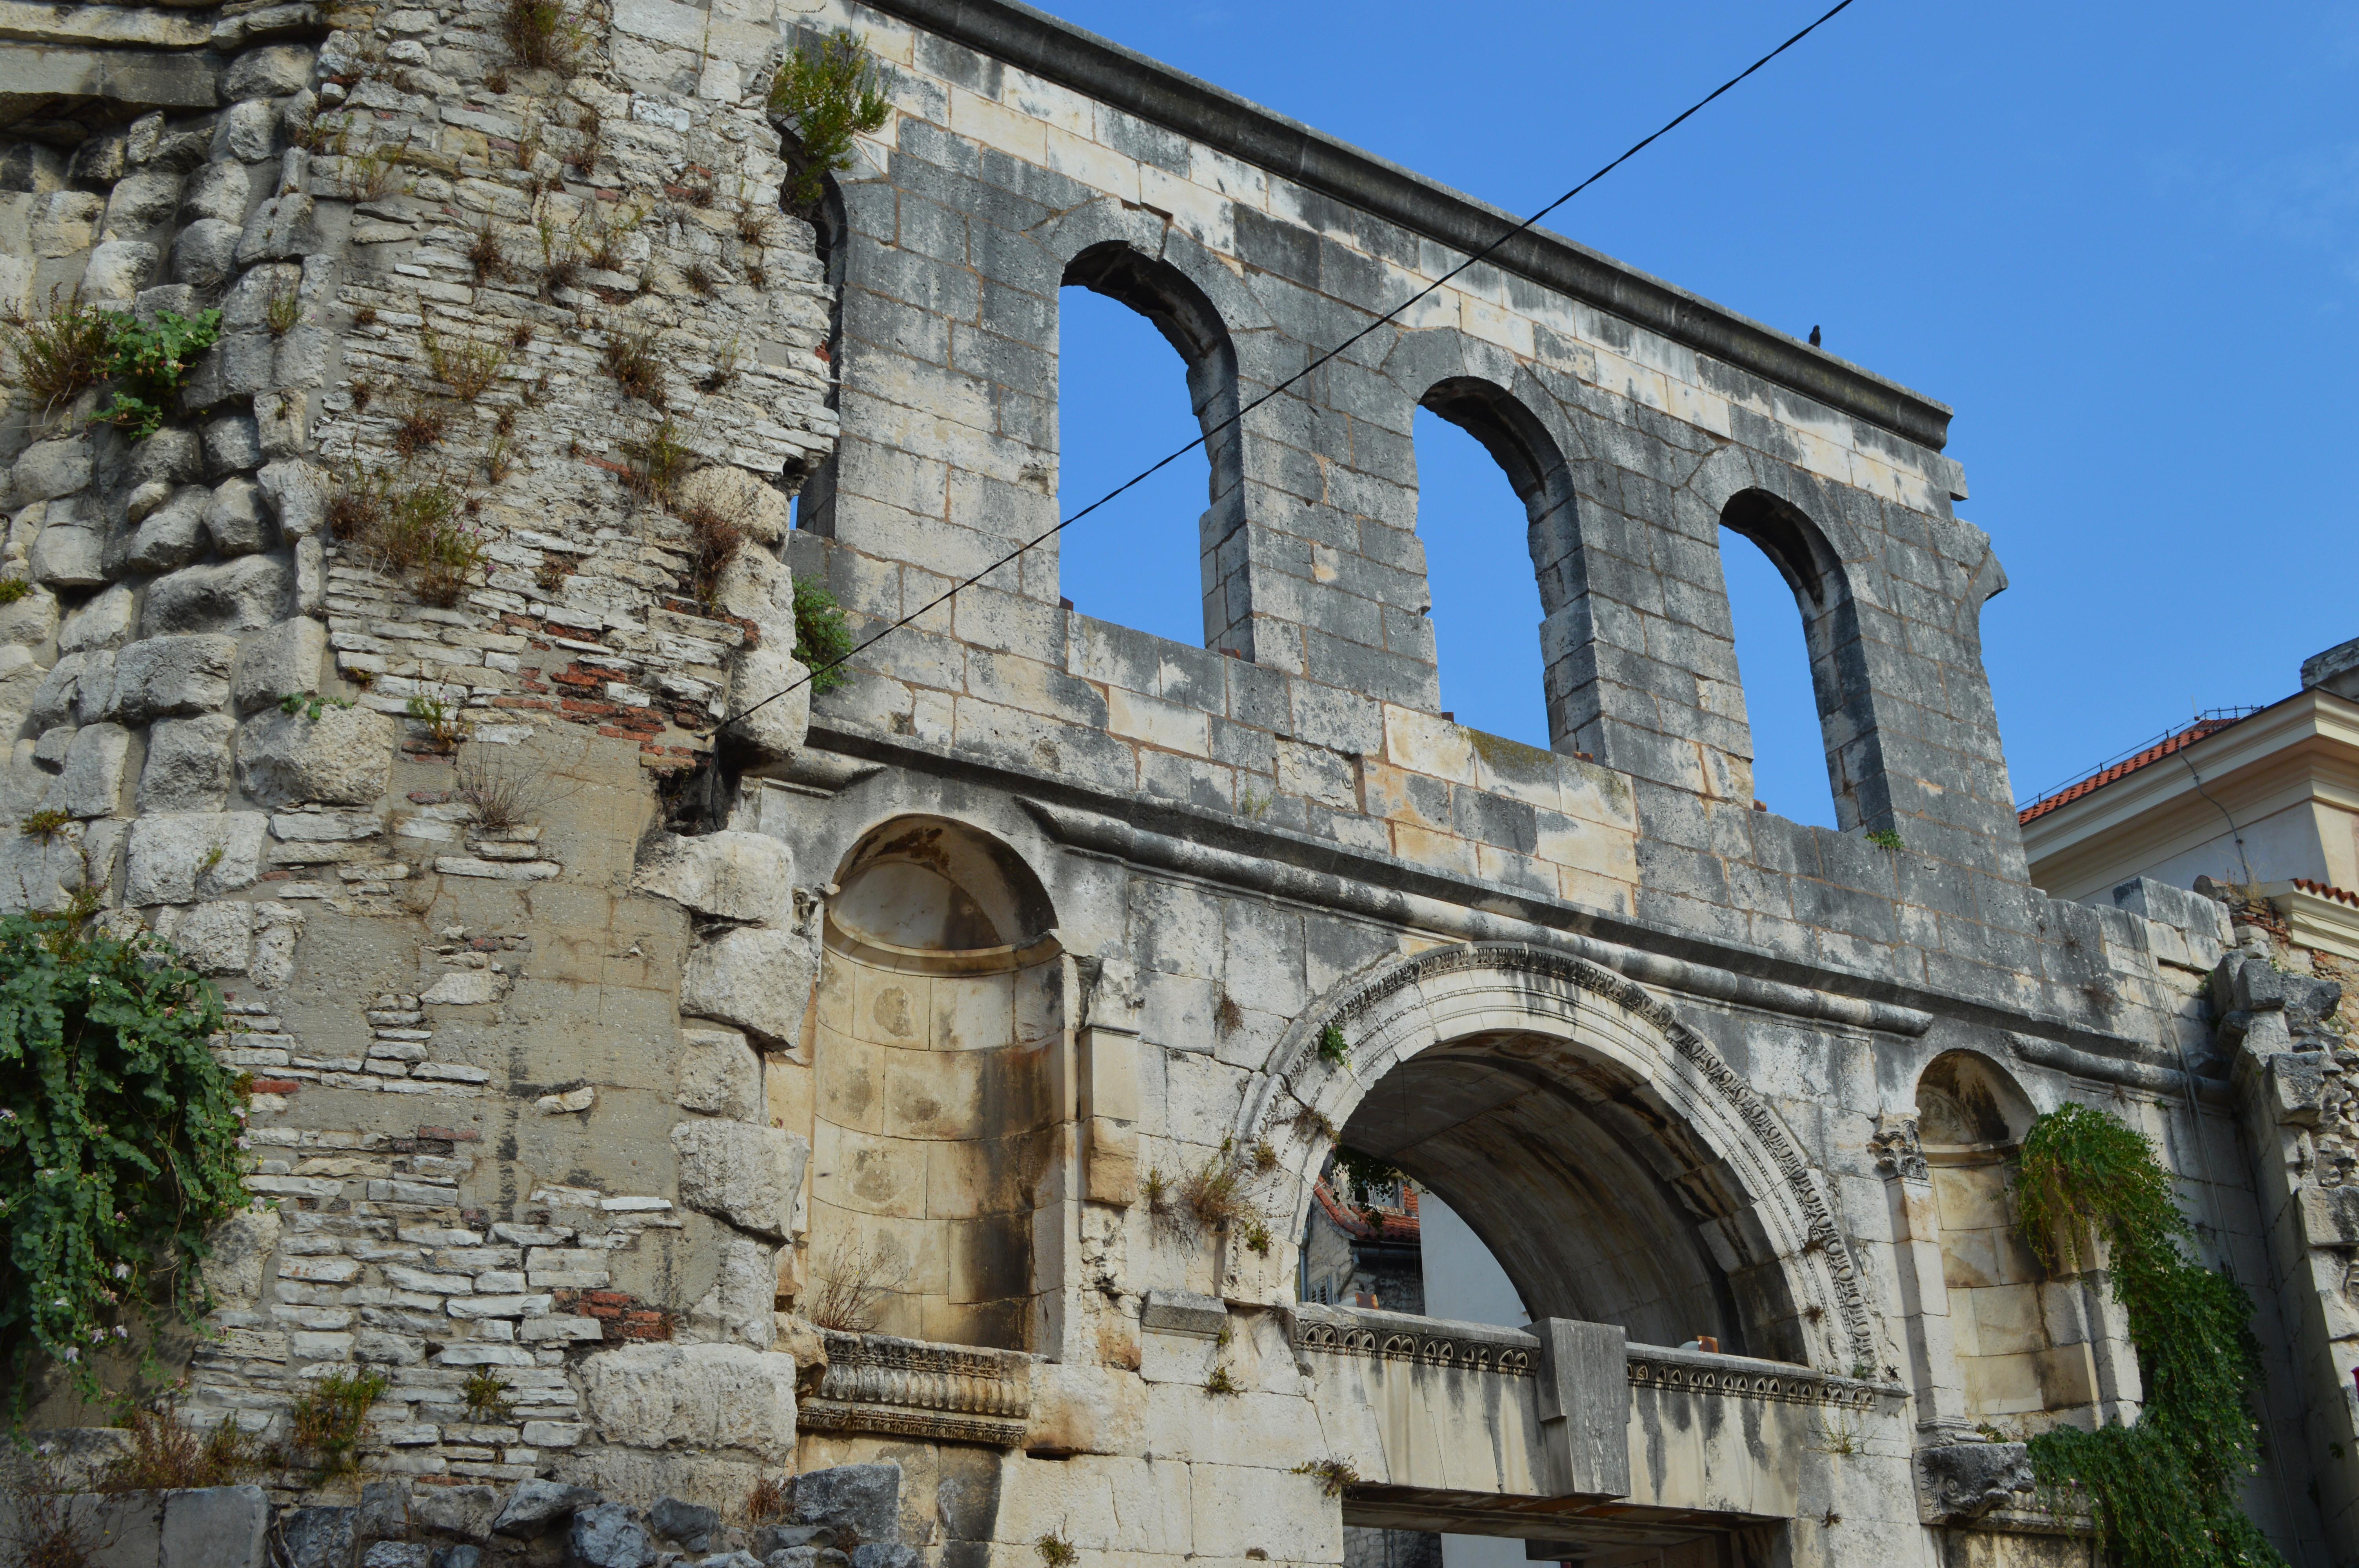 Un pedazo de Roma en Croacia - Croacia Circuito Croacia y Eslovenia